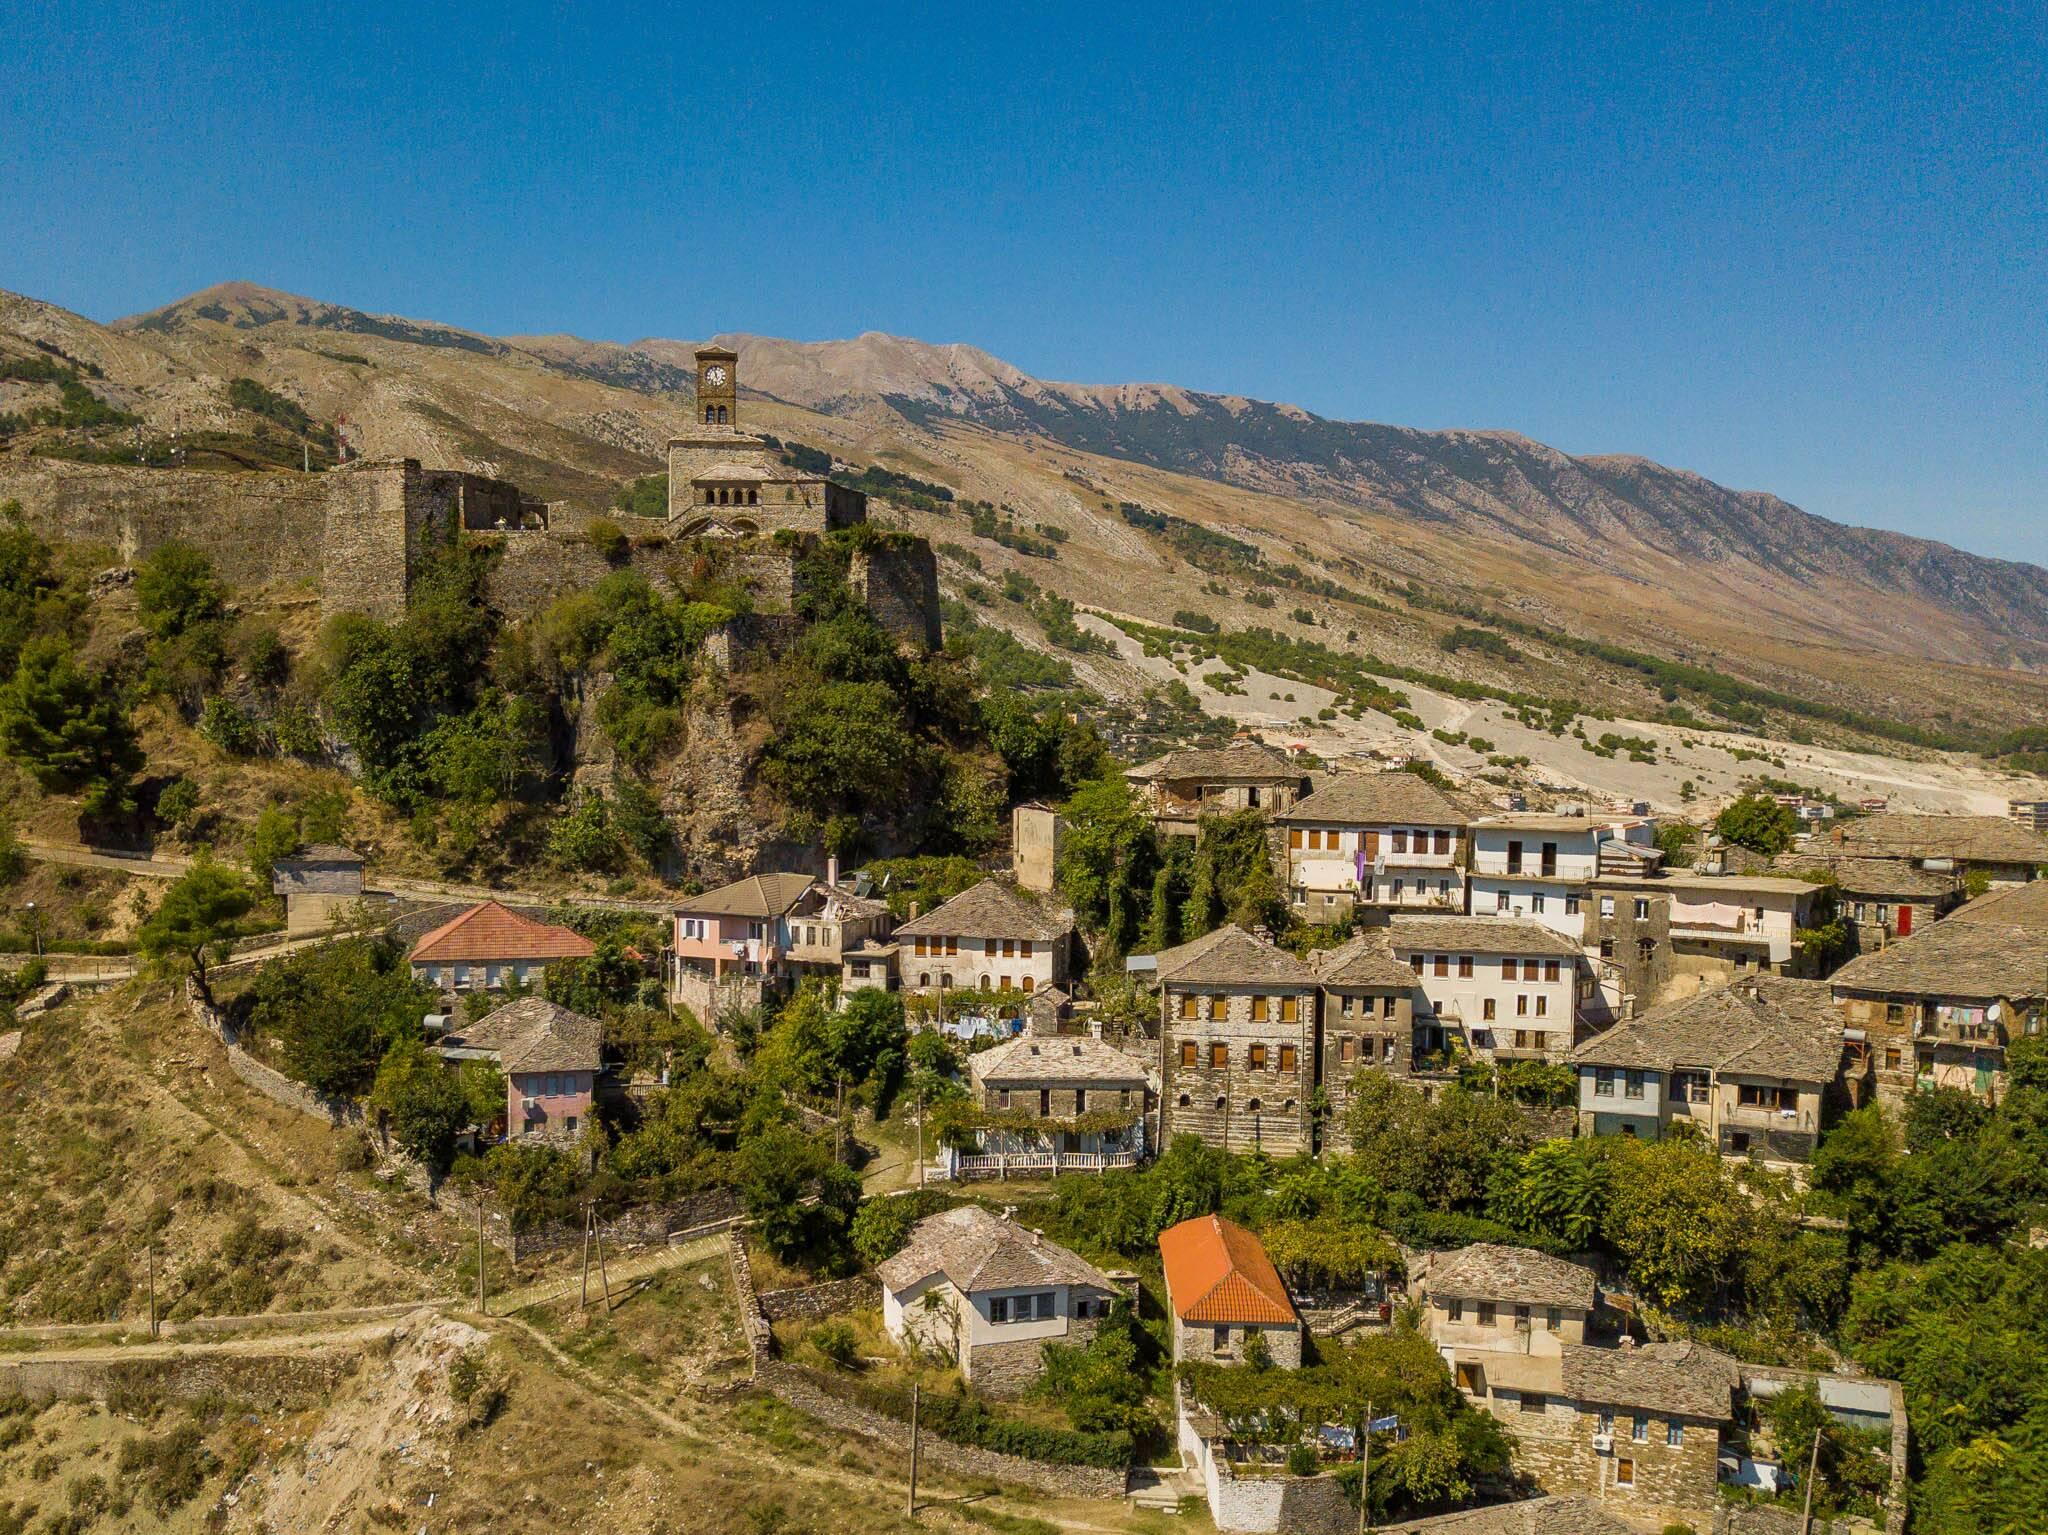 Castelos na Albânia: dicas e informações úteis